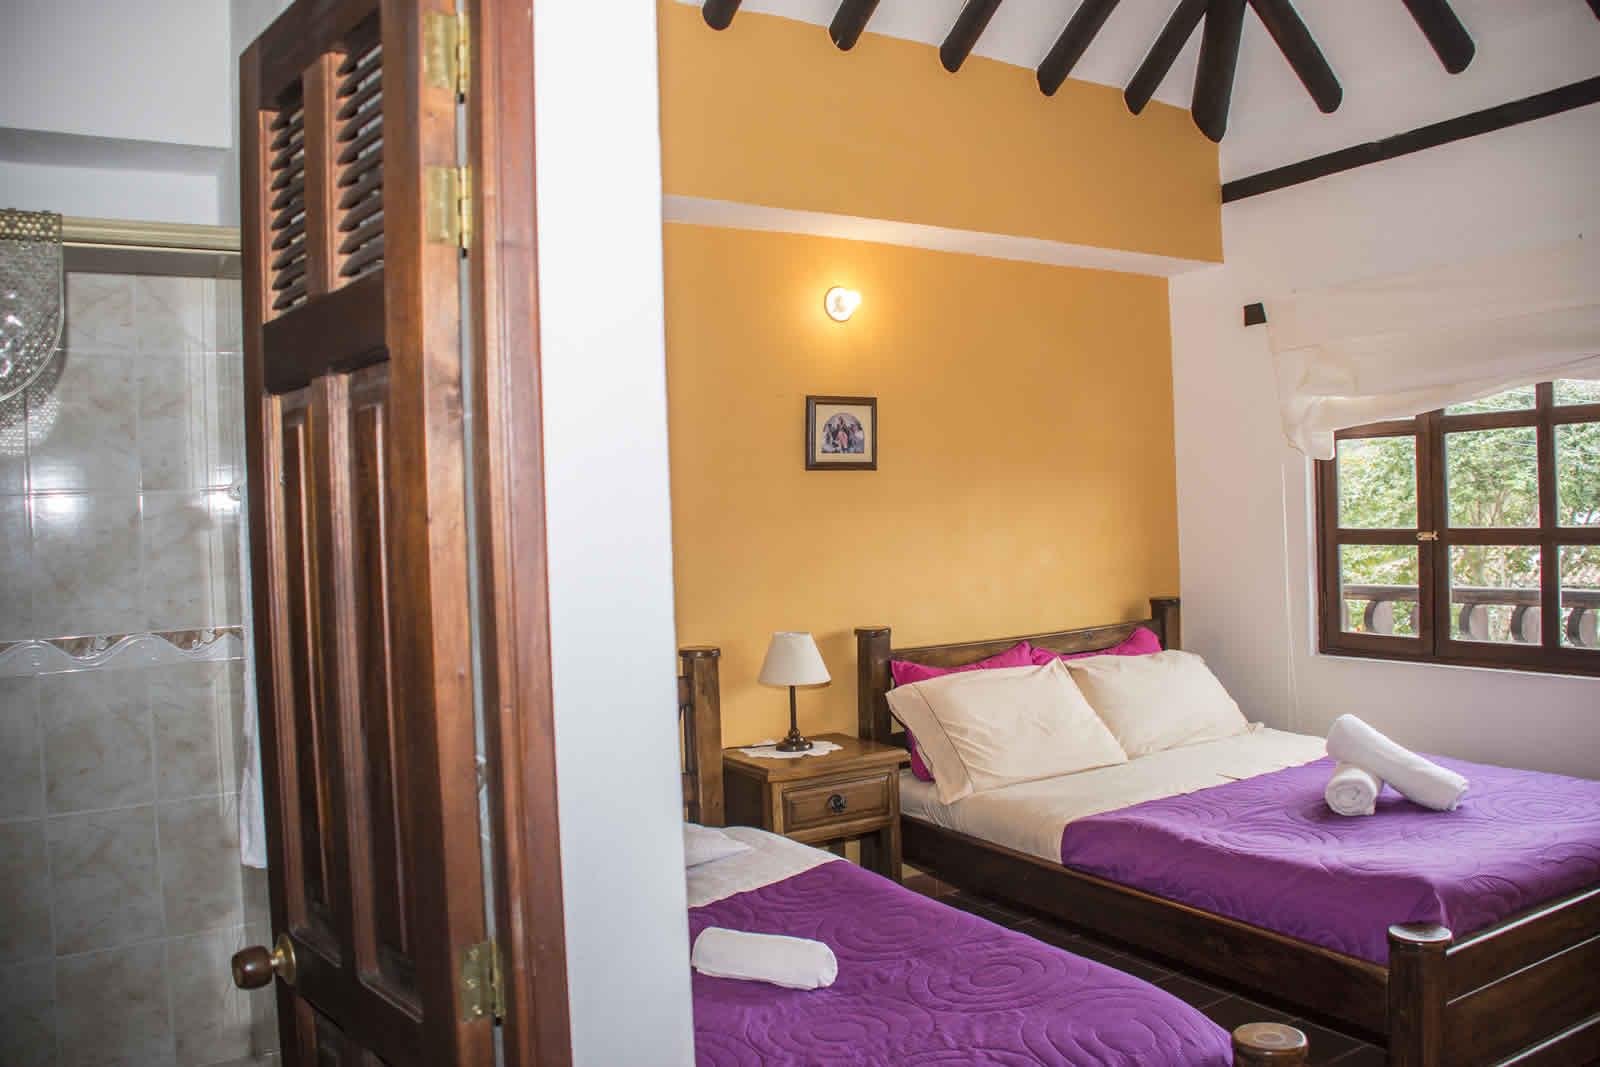 habitación 1 de la casa rosa en Villa de Leyva